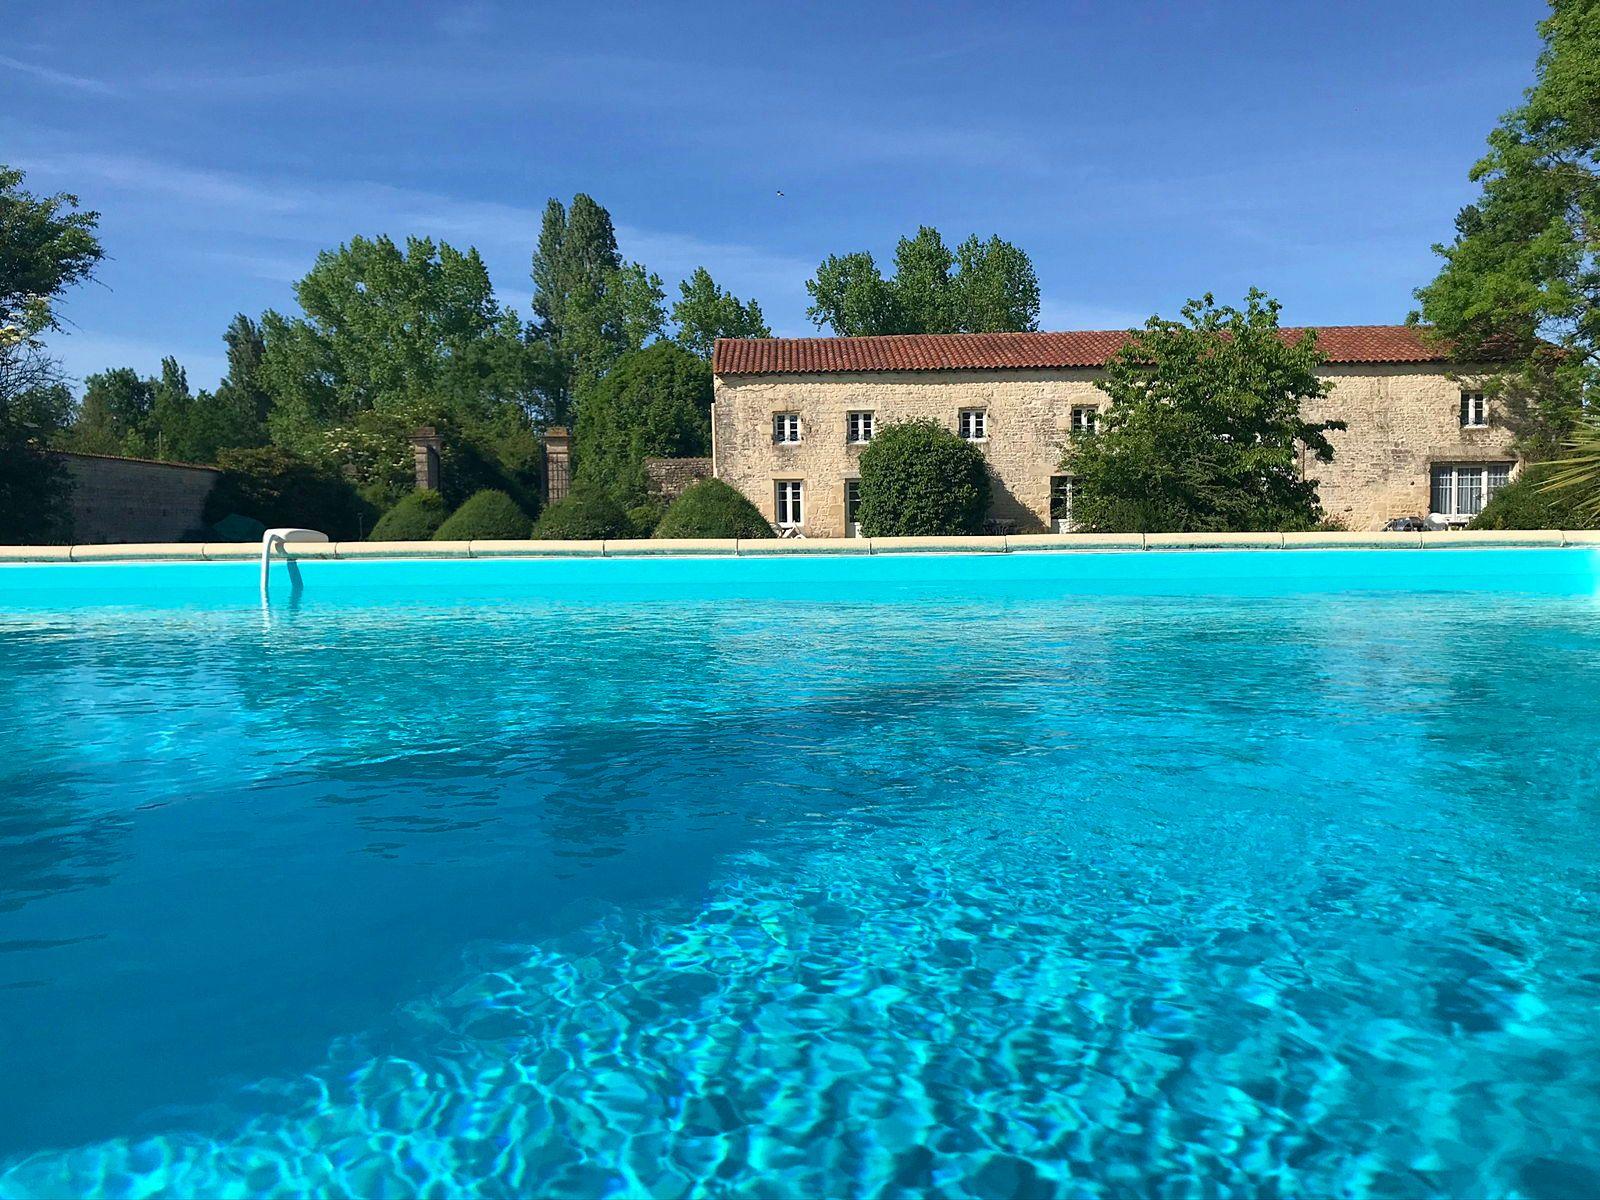 Loue gîte de charme 16couchages, 7chambres, piscine privée Charente-Maritime, Doeuil-sur-le-Mignon (17)